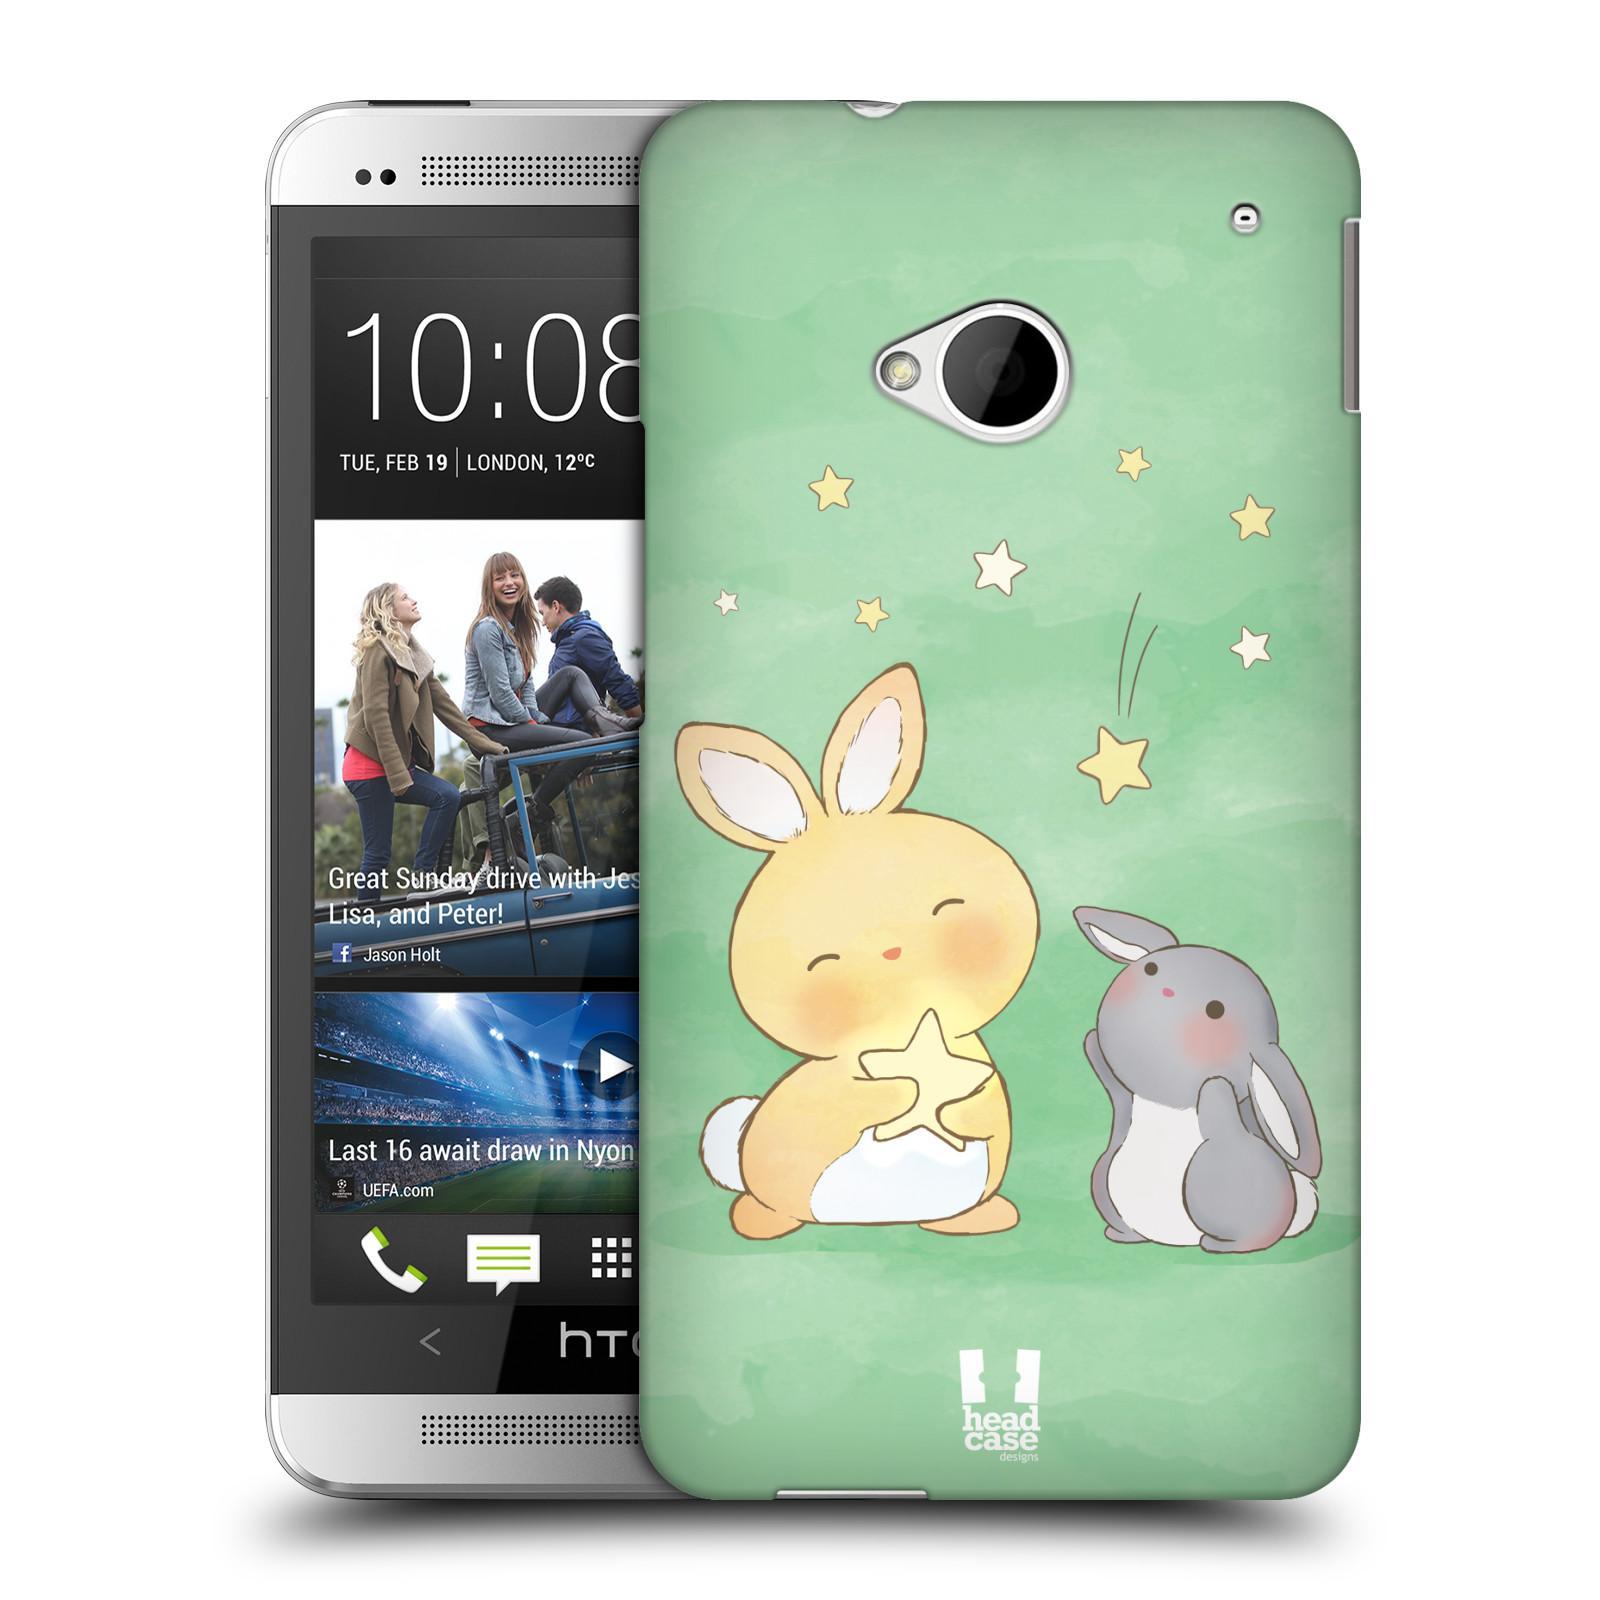 HEAD CASE plastový obal na mobil HTC One (M7) vzor králíček a hvězdy zelená